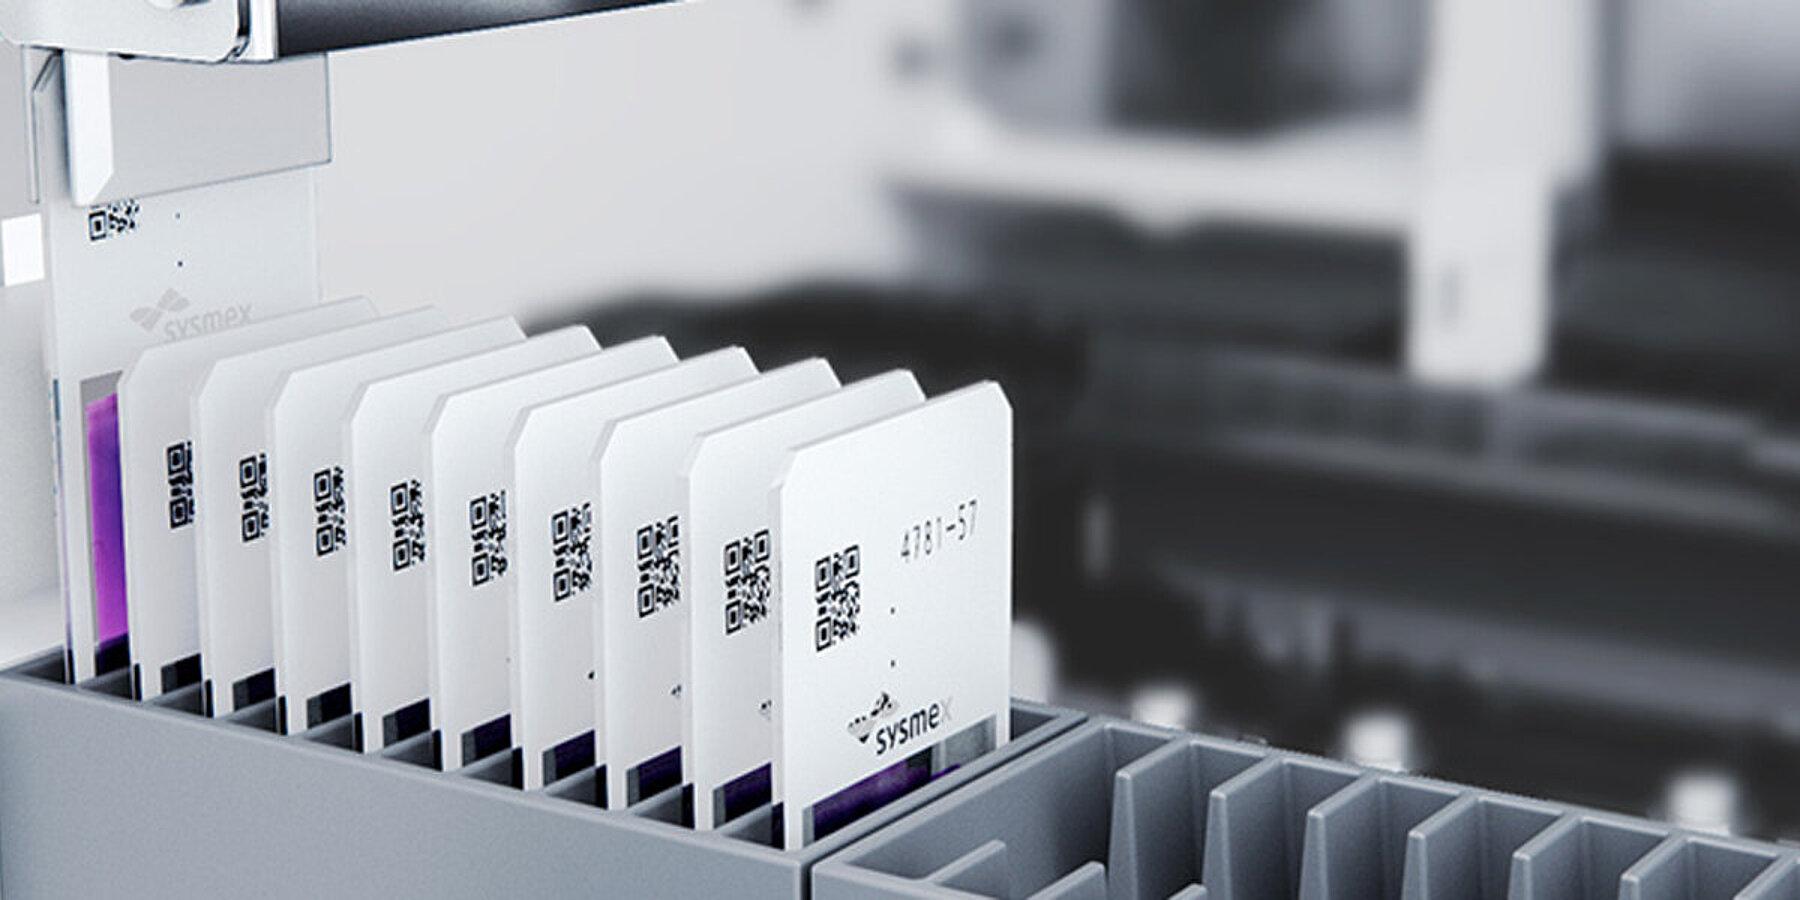 Hämatologie POC - Sysmex Suisse AG